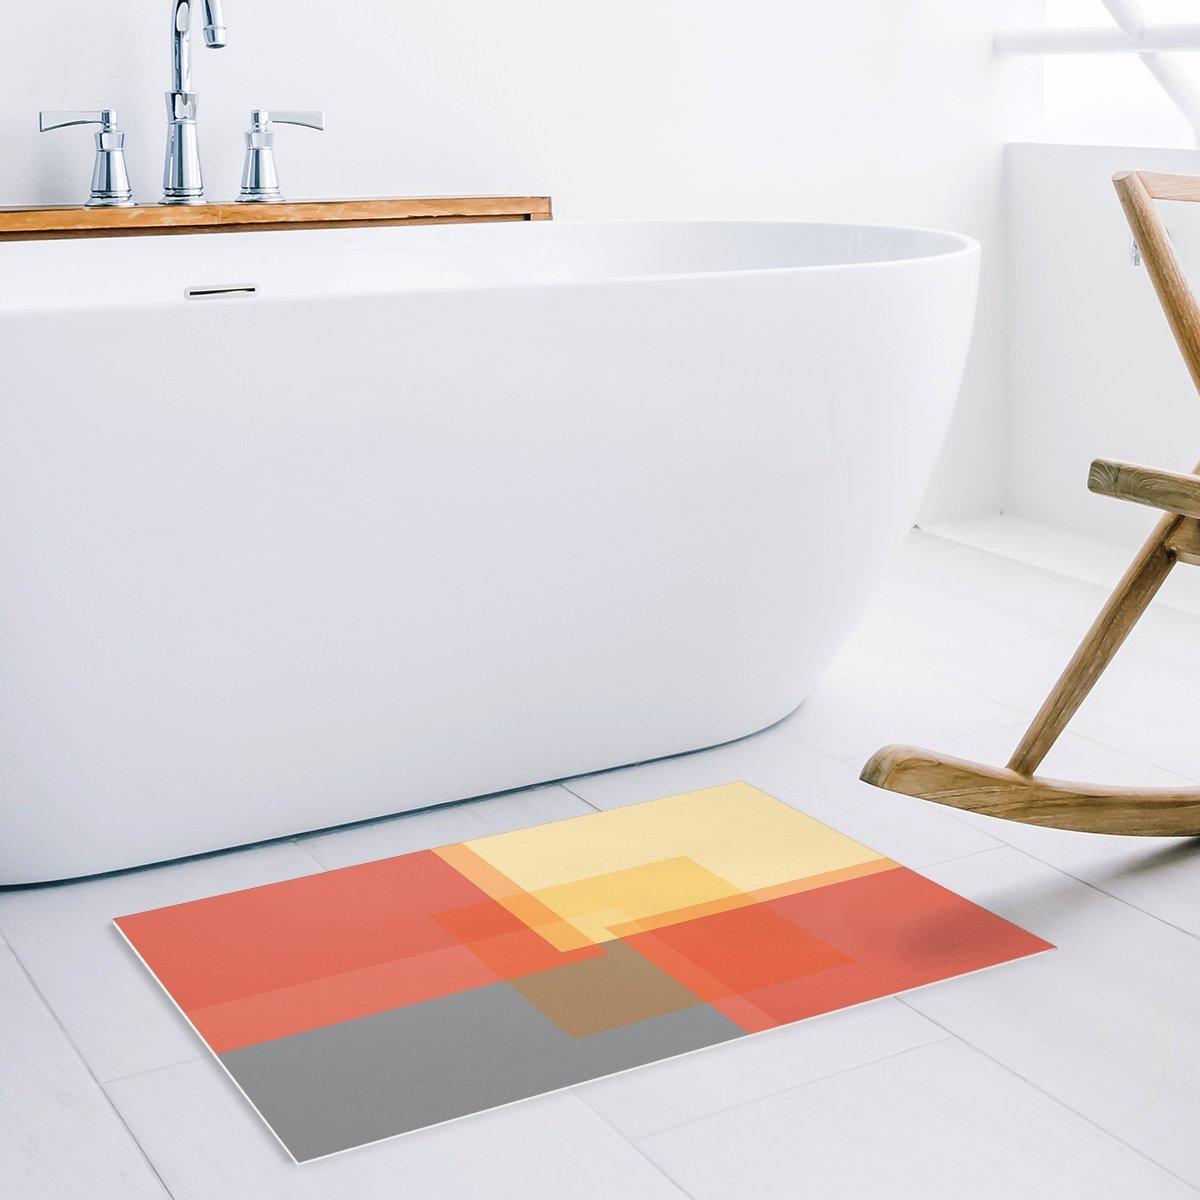 Us 14 98 25 Off Modern Color Block Square Geometric Orange Yellow And Grey Door Mats Kitchen Floor Bath Entrance Rug Mat Indoor Doormats In Mat From